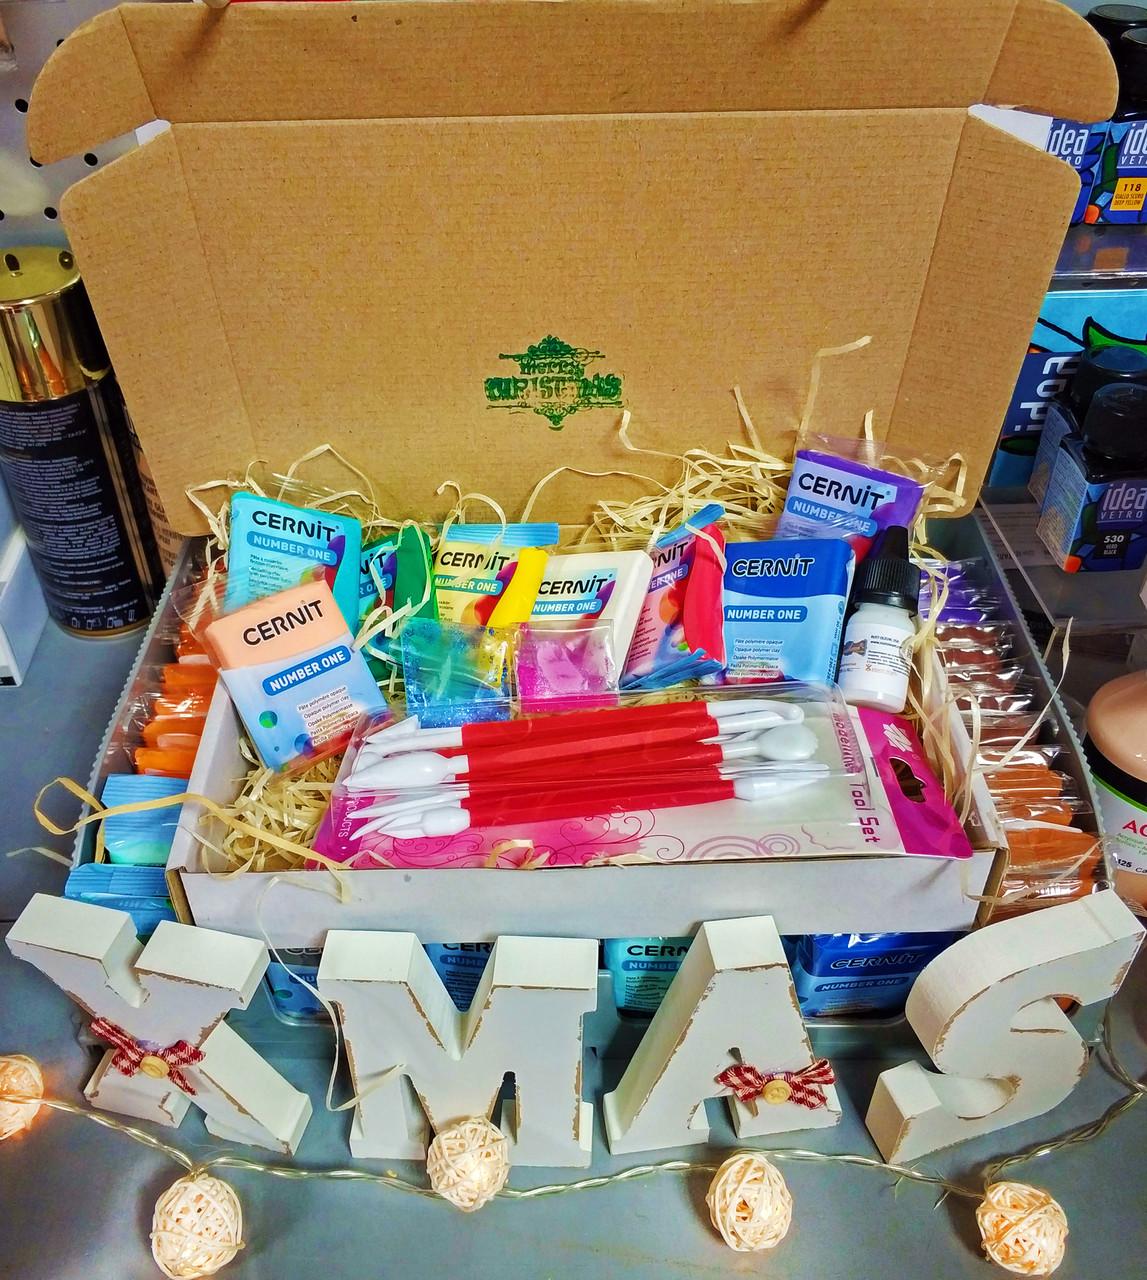 Подарочный набор полимерной глины Цернит Cernit (Бельгия) + инструменты+ лак+ коробка